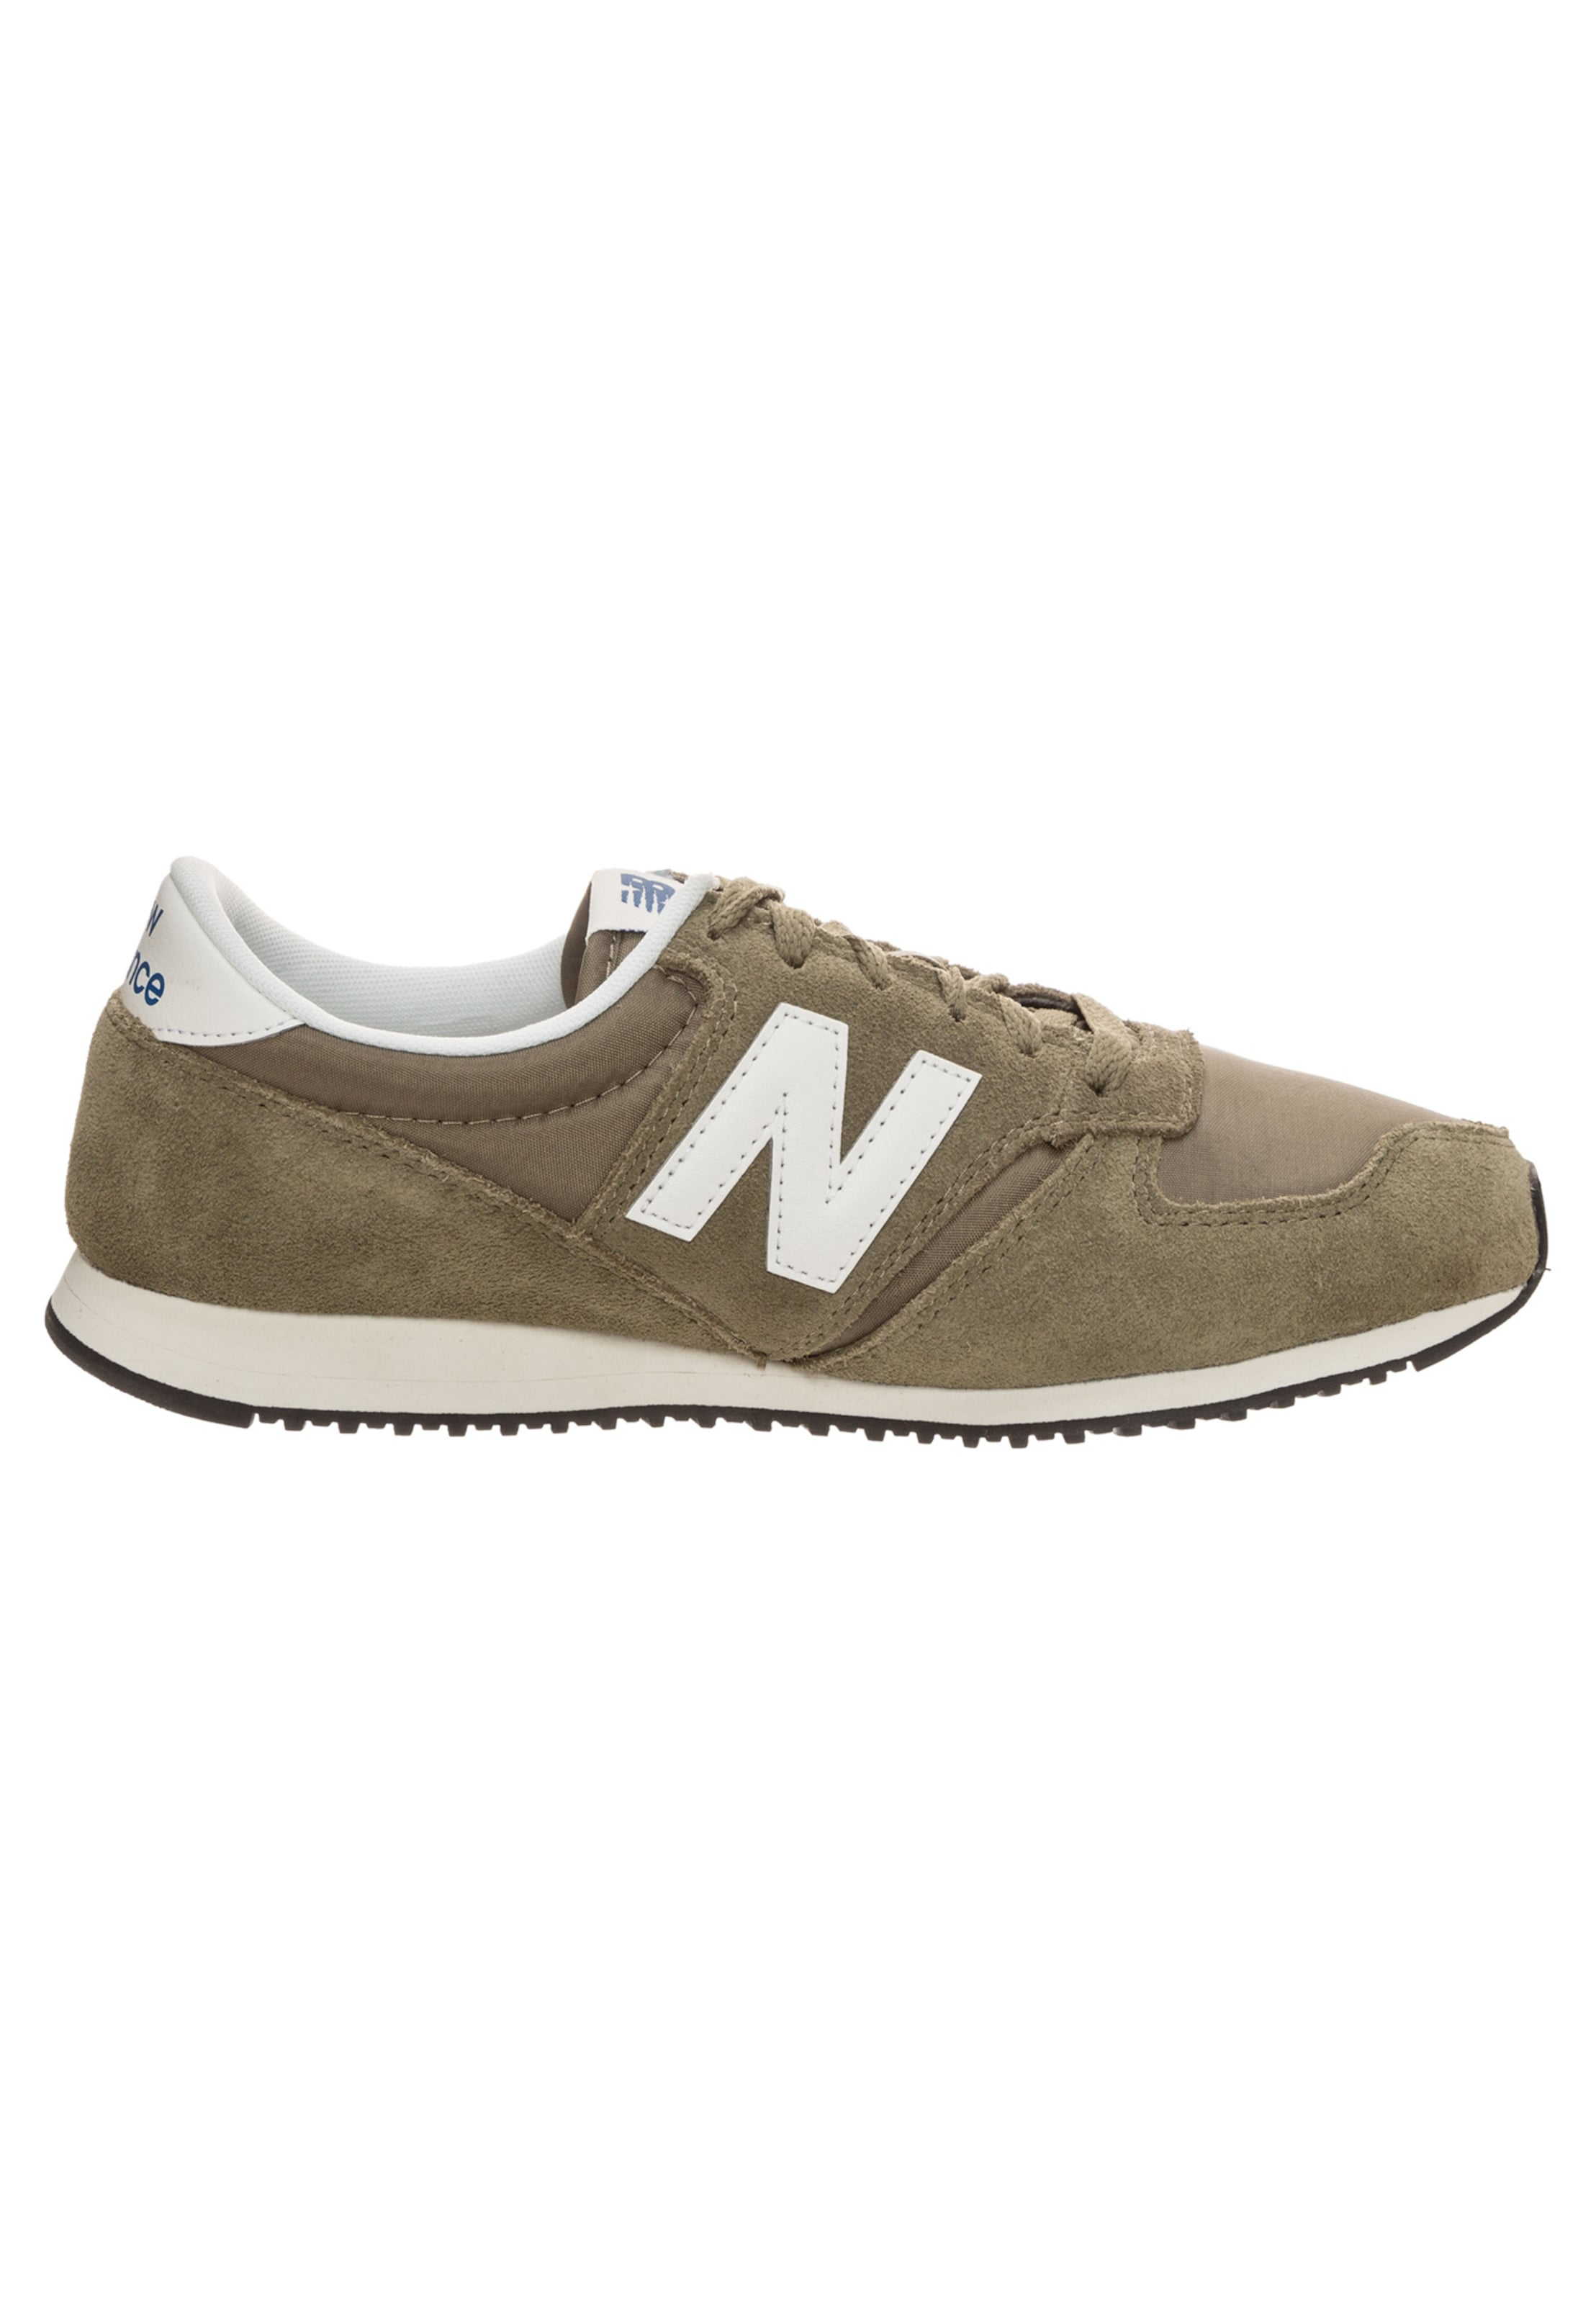 'u420 d' New Sneaker In OlivWeiß Balance grb f6v7gYbIy